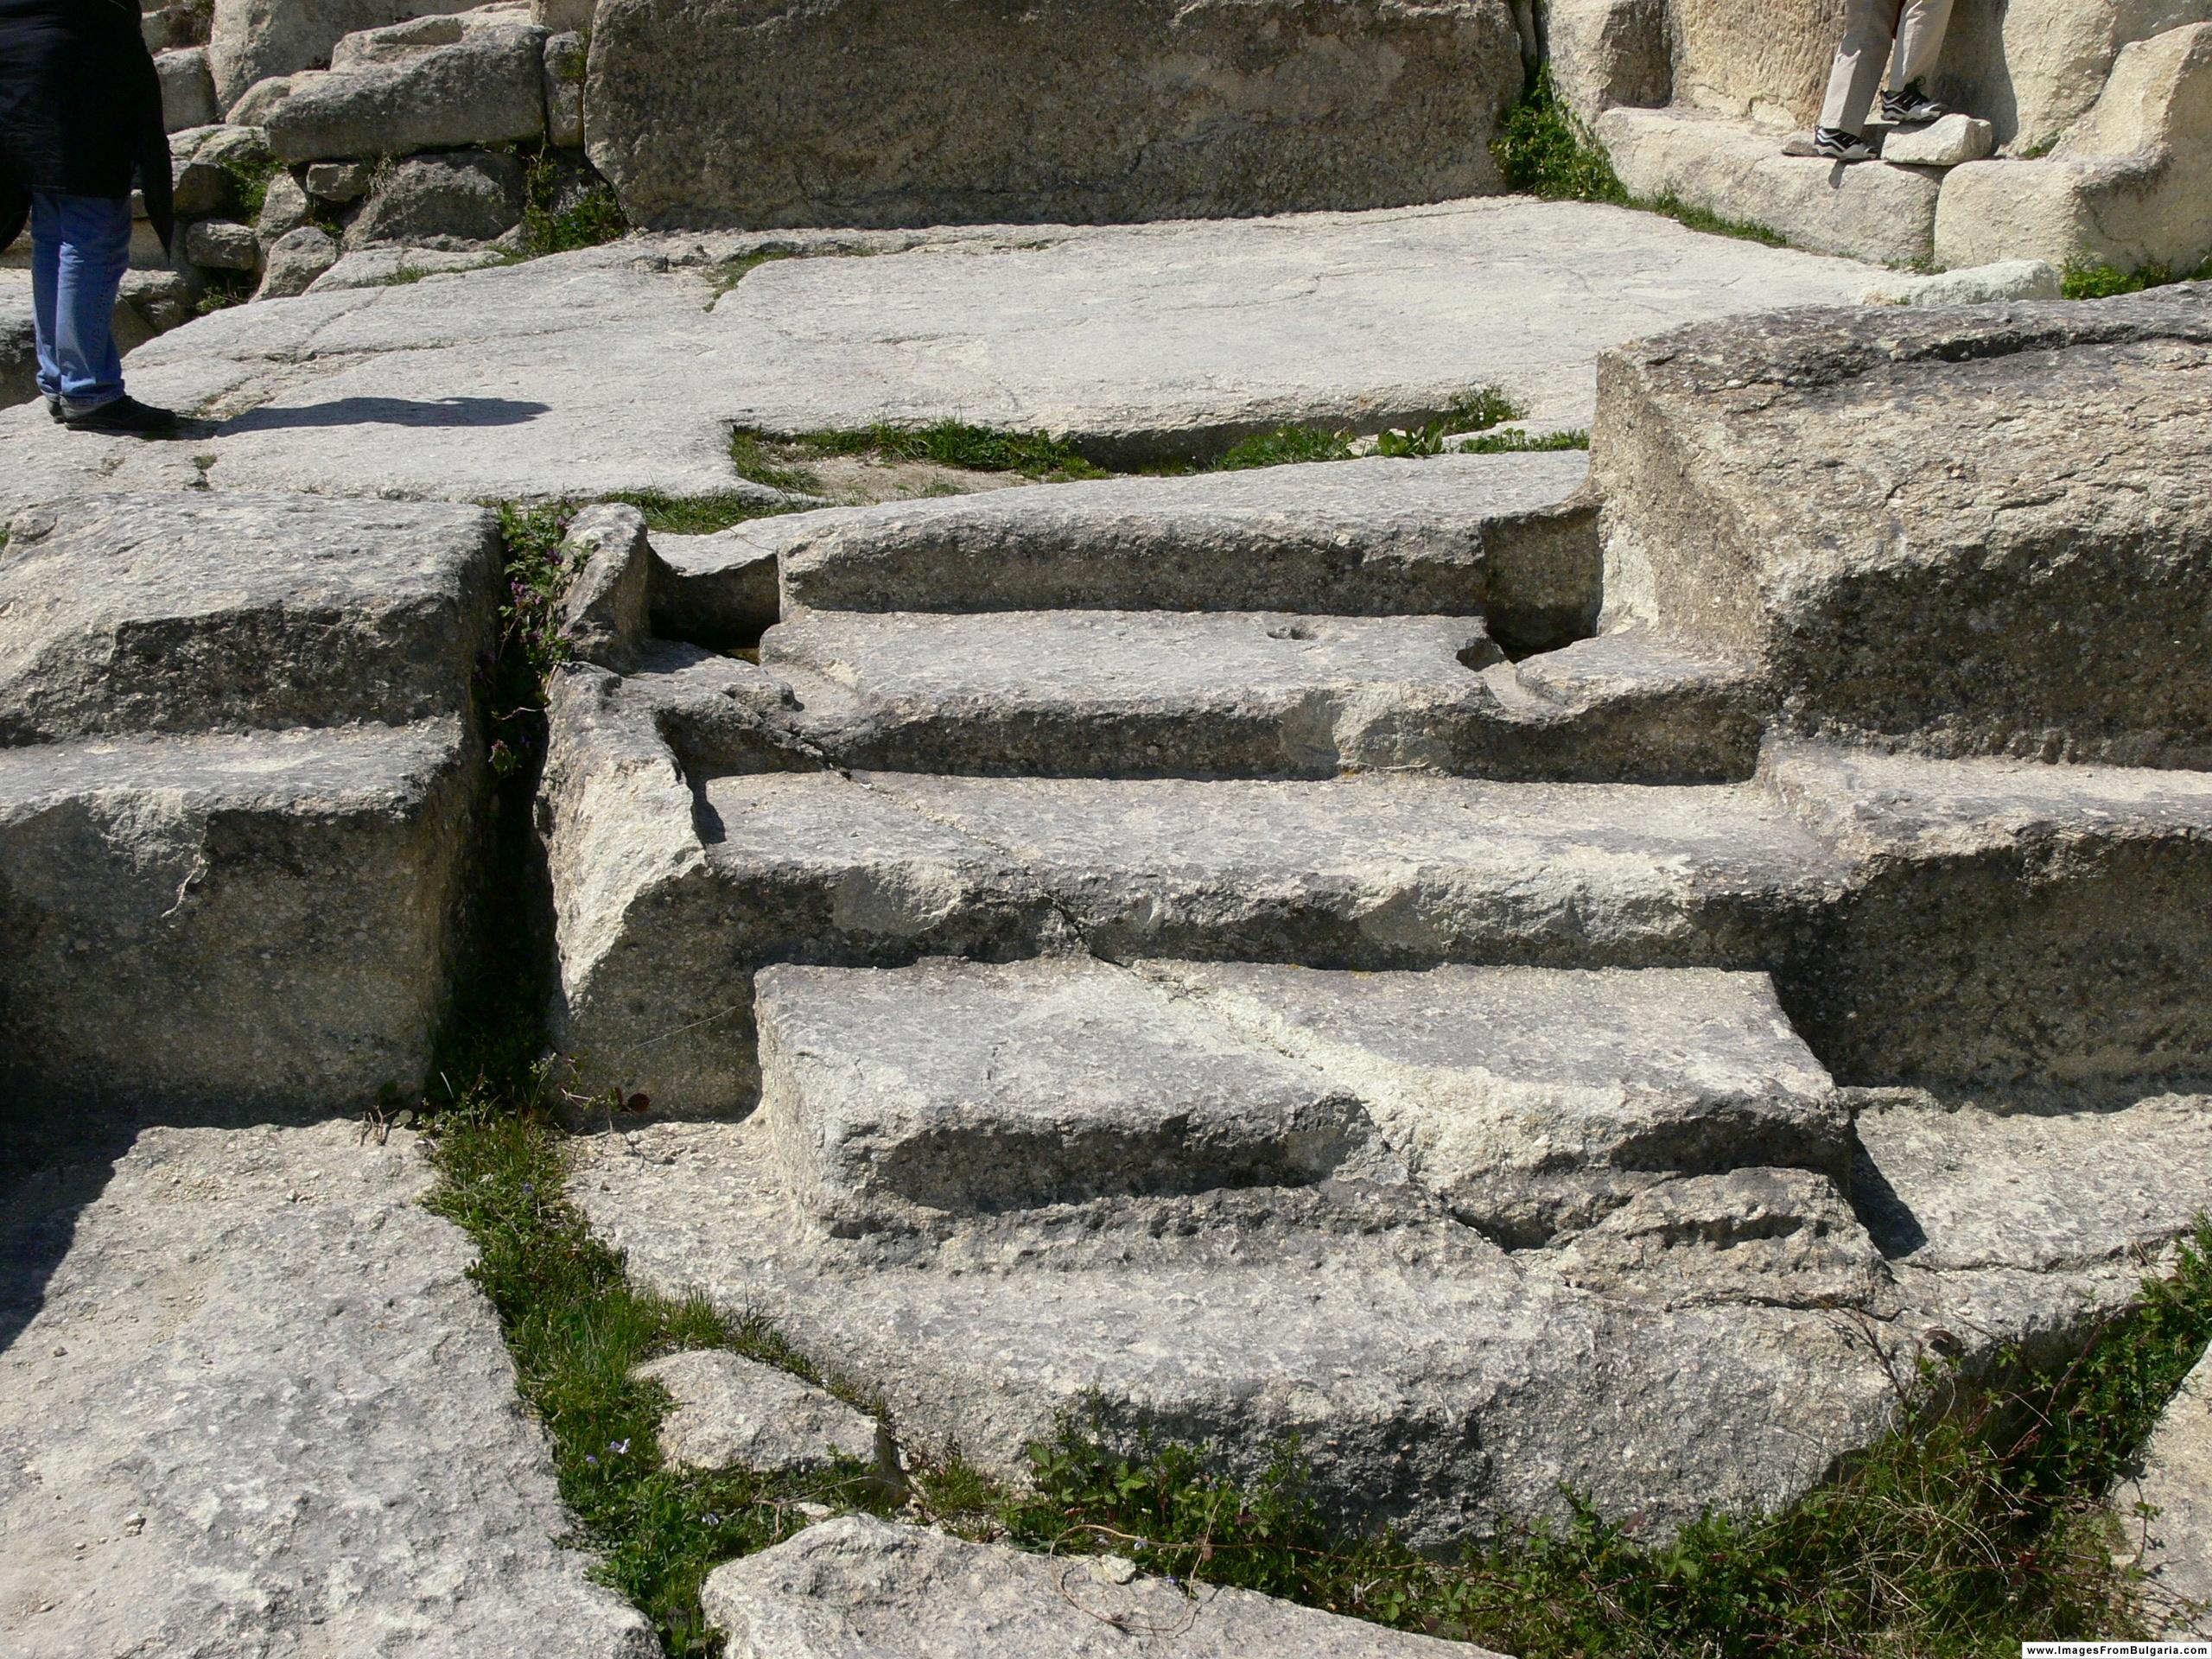 Когда люди не могли еще справиться со скалами из за примитивного инструмента. Поэтому фрагменты керамики эпохи неолита находят в основном на поверхности скал, в природных трещинах. Известно, что люди каменного века были в основном фермеры. Перперикон был в то время обожествленной скалой. Следующий установленный исторический период неолита в конце 5 - начале 4 тысячелетия до н.э. В это время на скале появляются высеченные ямы с разбитыми культовыми черепками. Такие же осколки керамики той поры нашли в знаменитом кургане Карановская могила в Болгарии. Развитие Перперикона шло в течение бронзового века, когда Перперикон пережил свой первый расцвет.